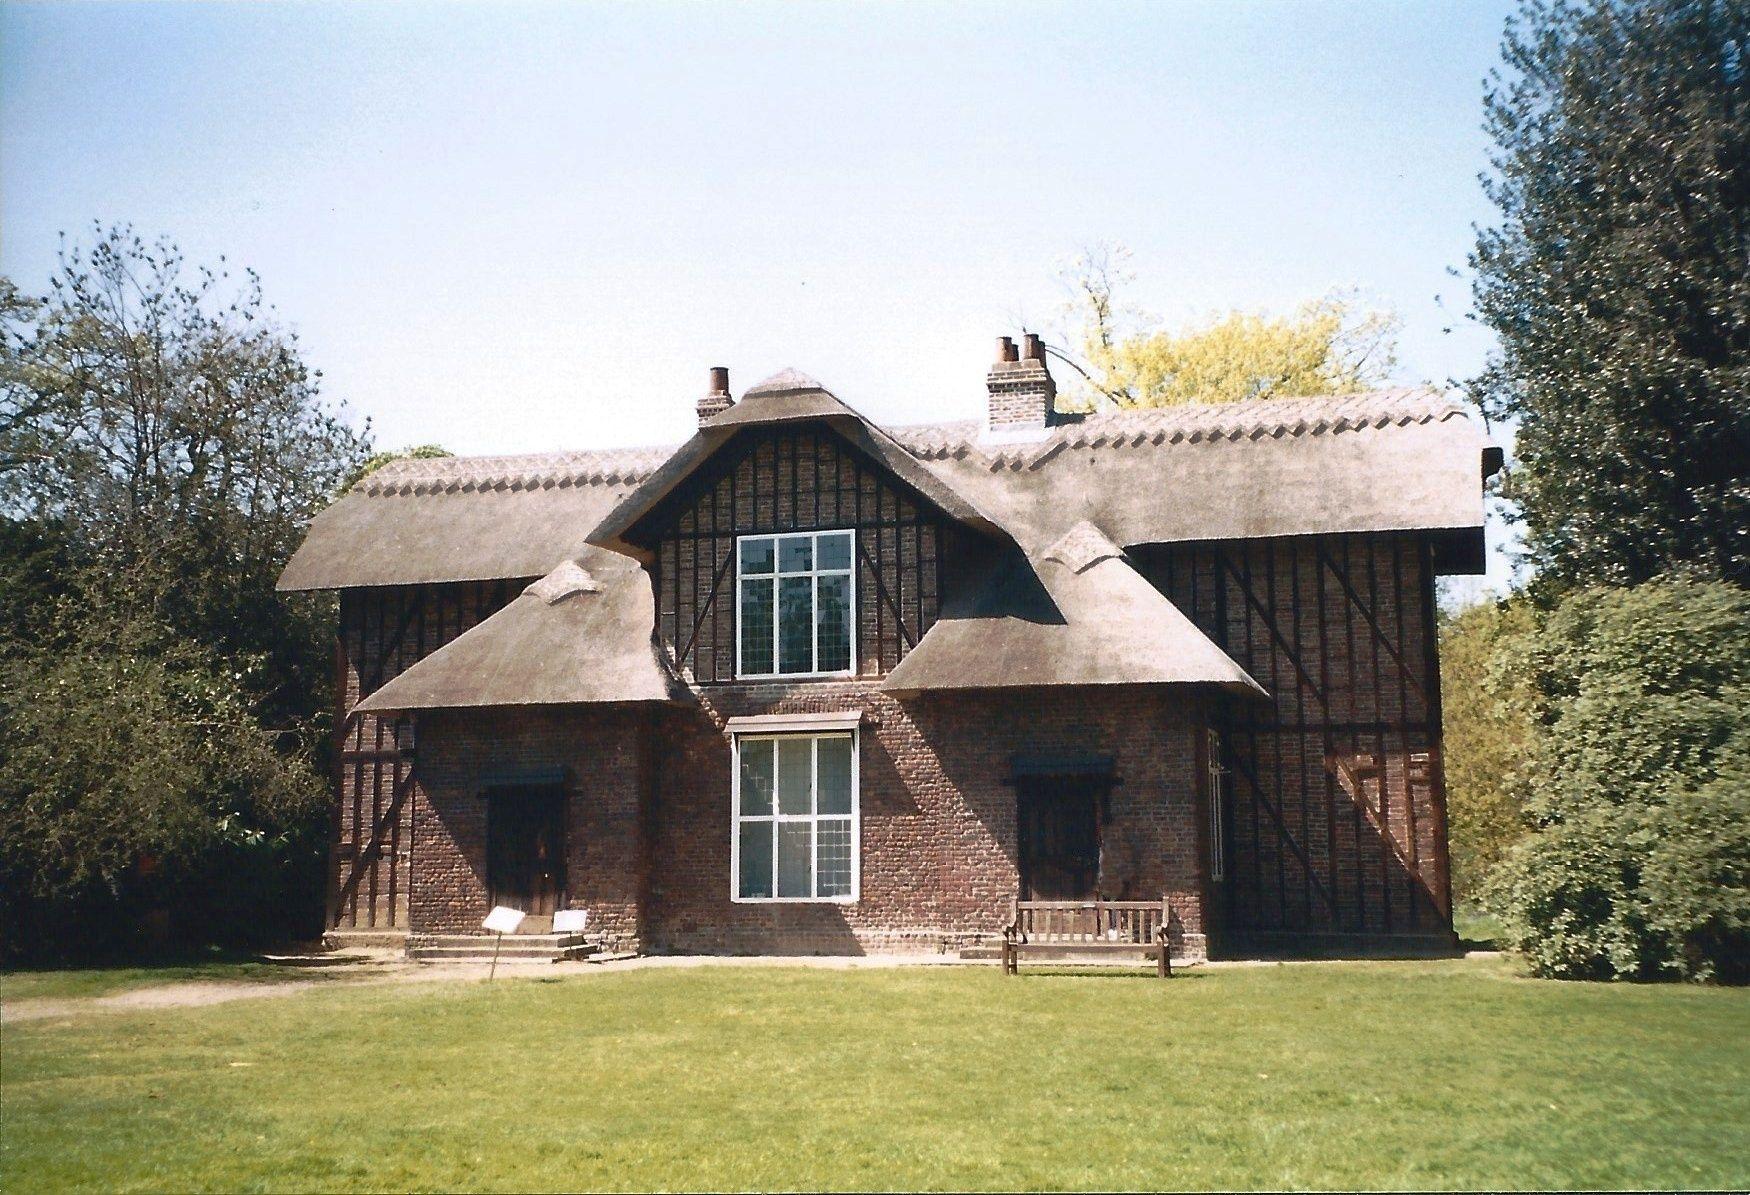 1999 Cottage in Kew Garden